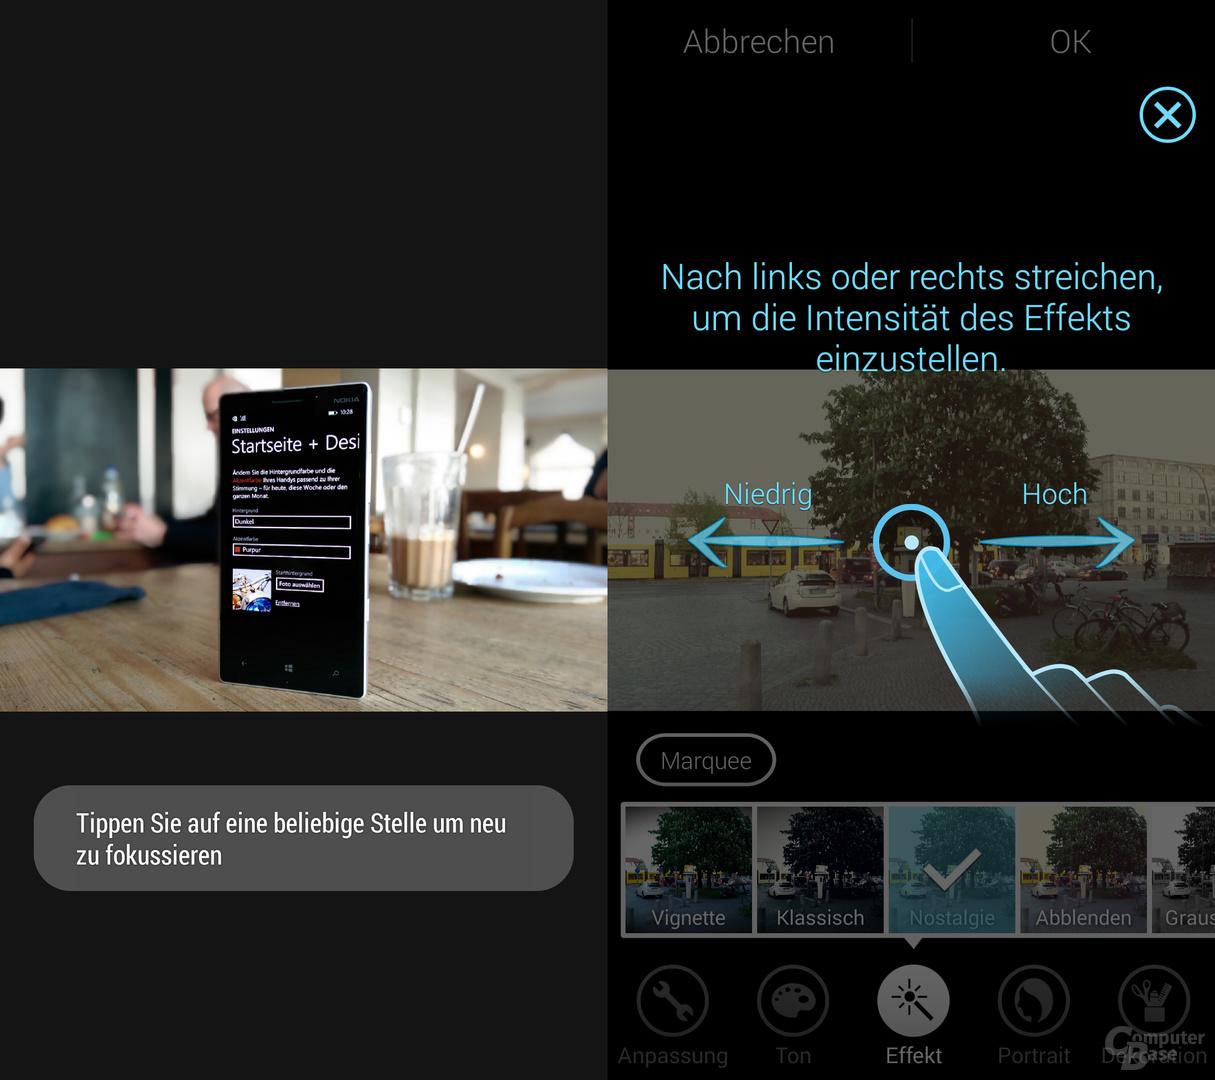 HTC One (M8) & Samsung Galaxy S5: UFocus und Effekte